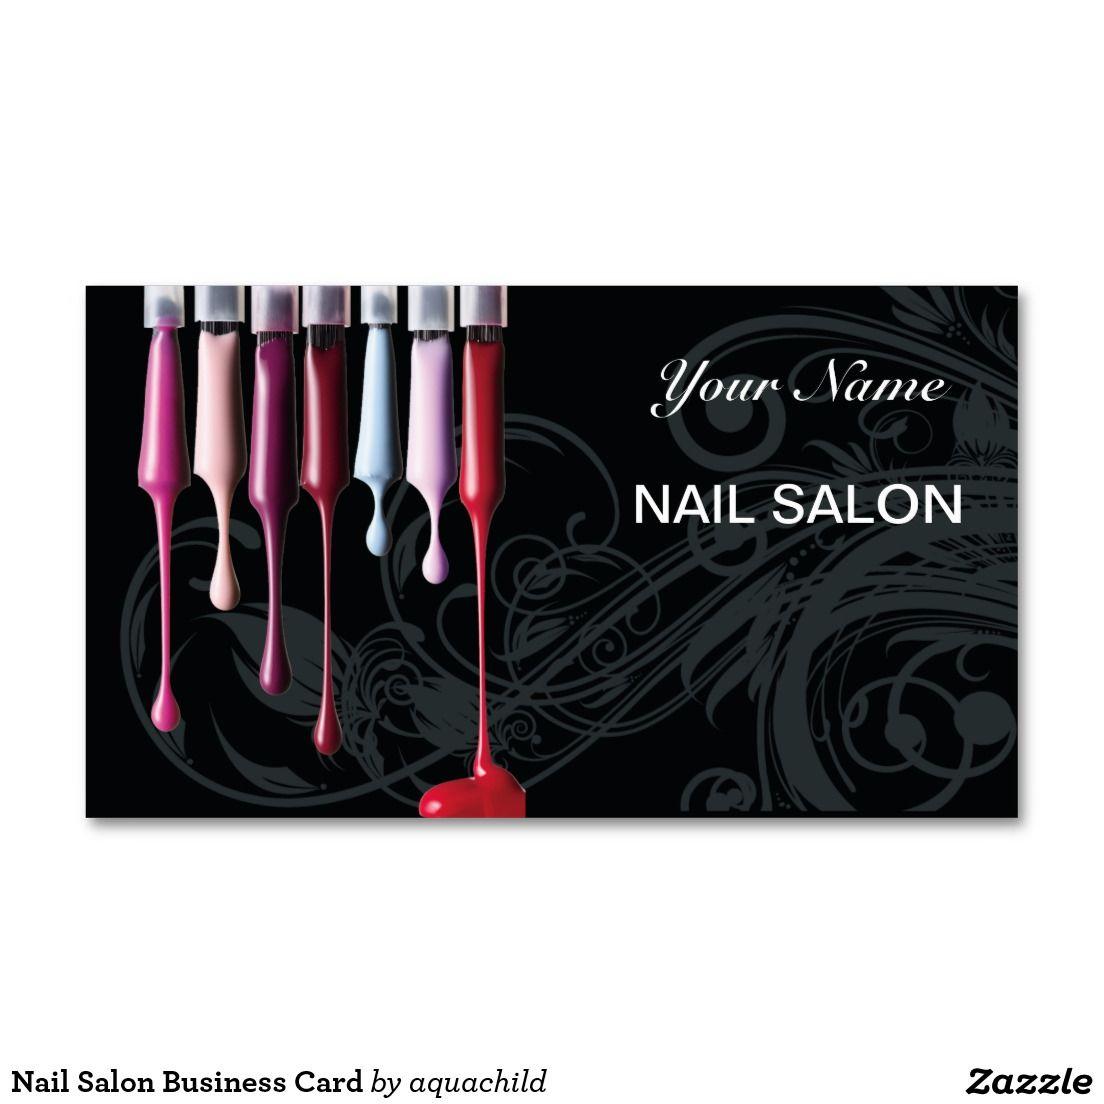 Nail Salon Business Card Zazzle Com Salon Business Cards Nail Salon Business Cards Nail Salon Decor